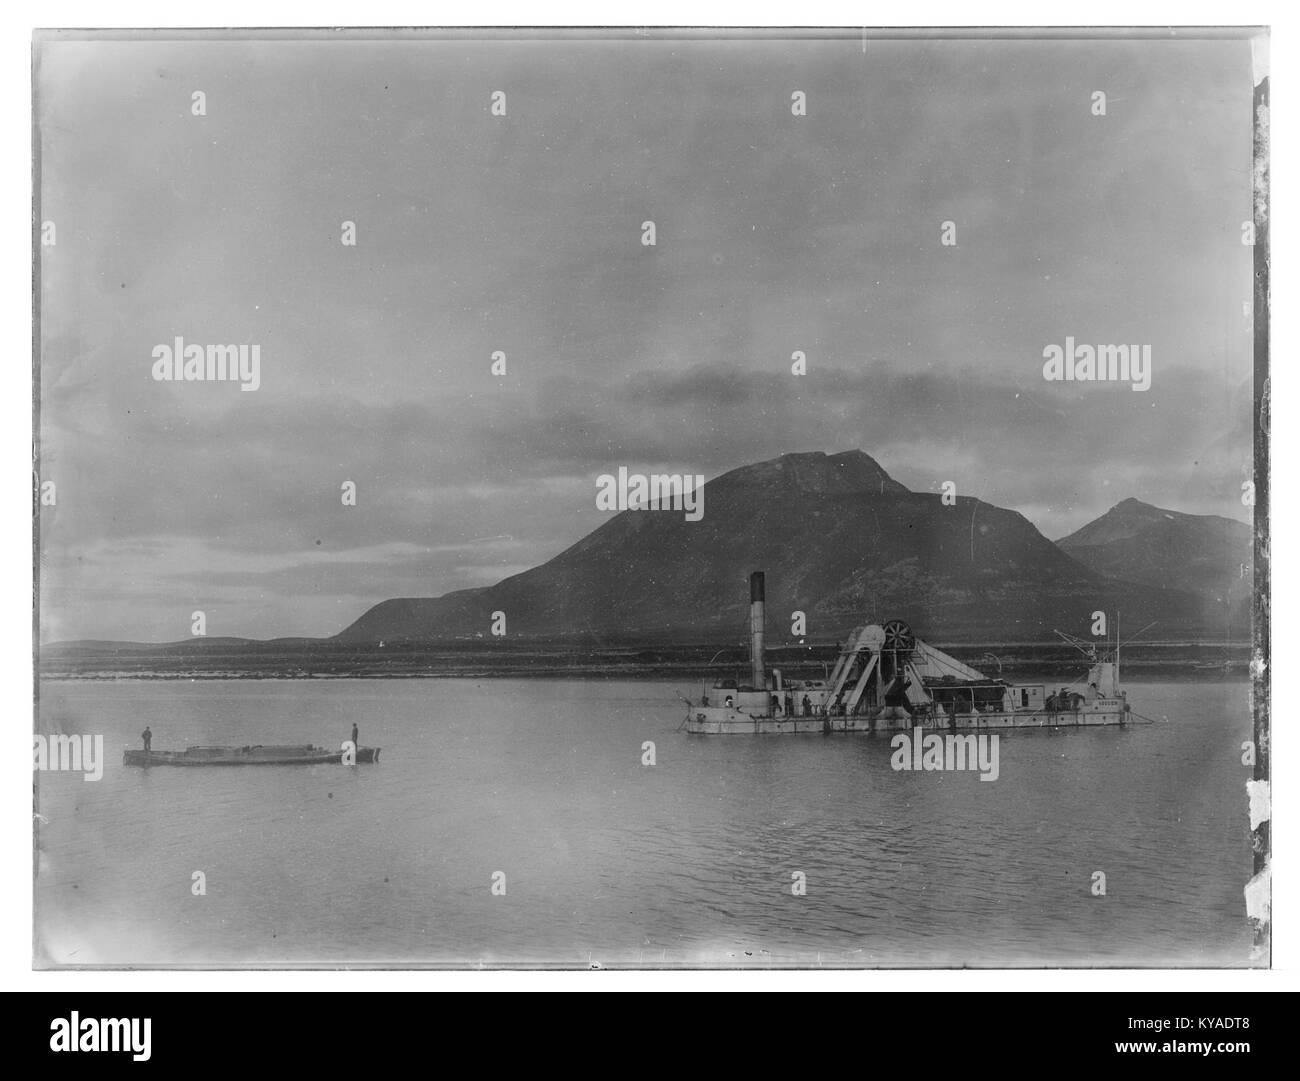 Suggen, Risøsund, Nordlands amt - fo30141512100016 - Stock Image